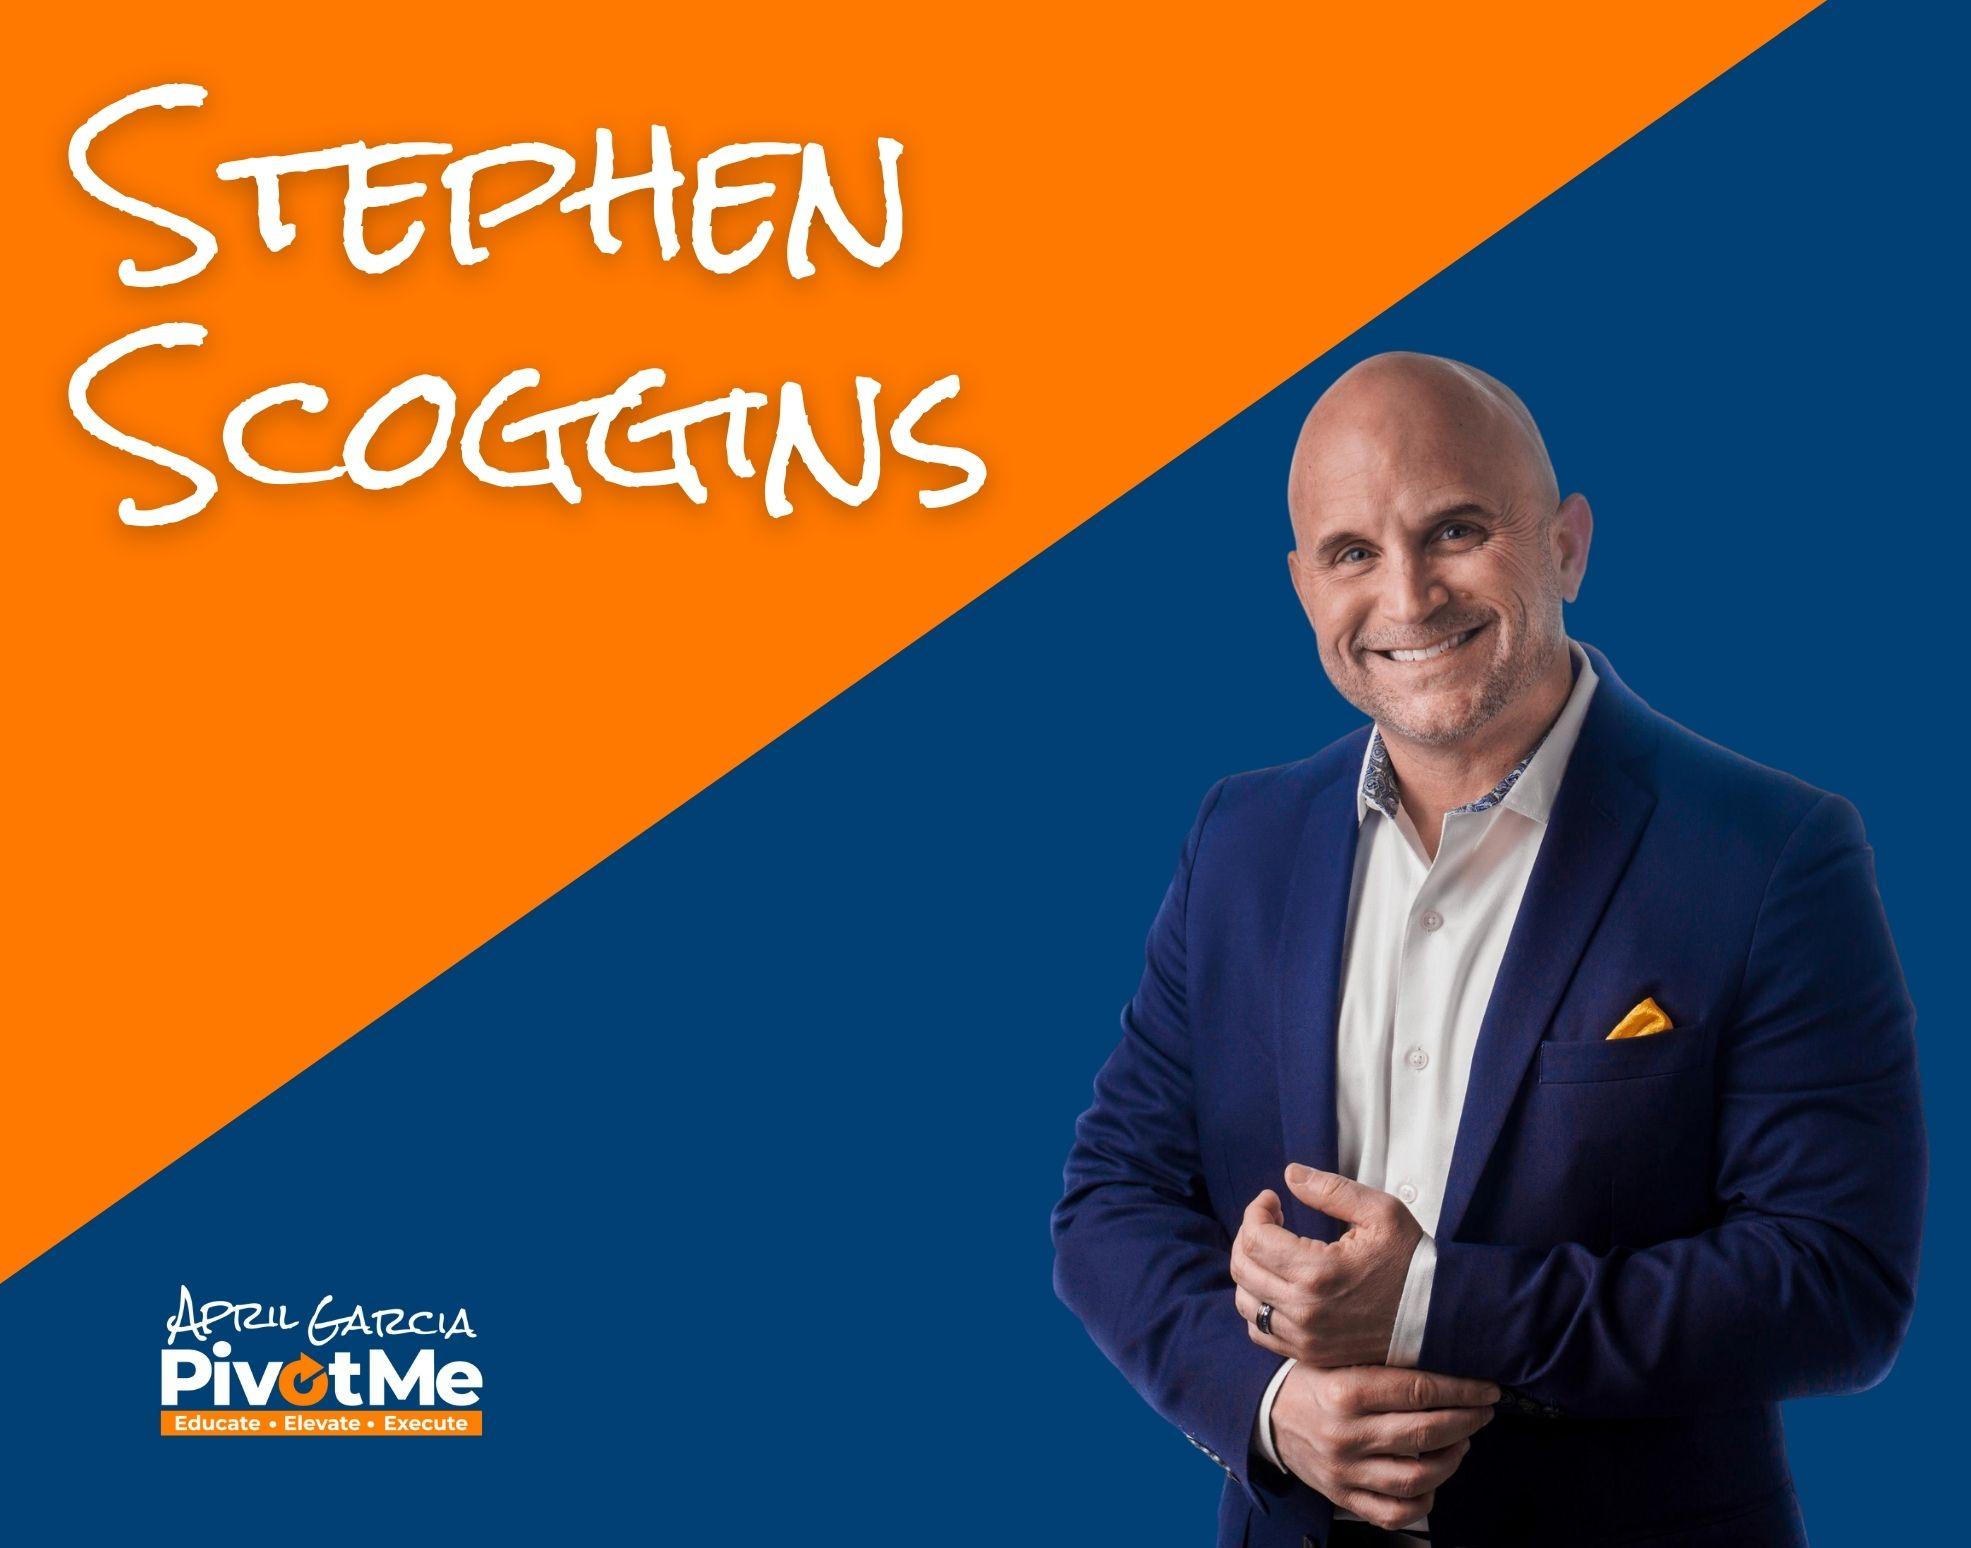 Stephen Scoggins